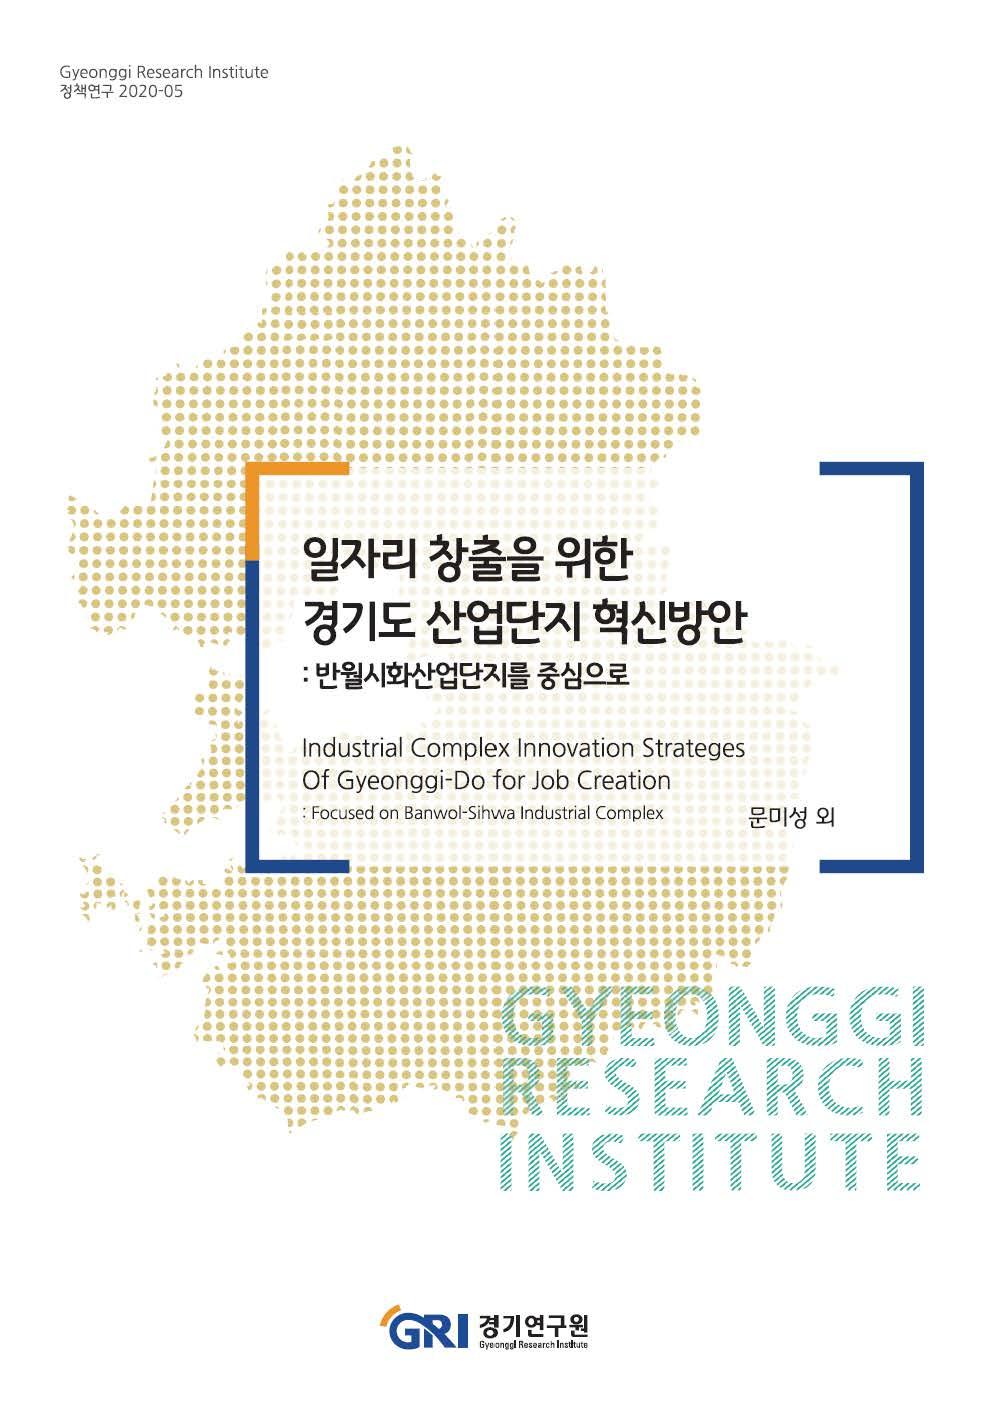 일자리 창출을 위한 경기도 산업단지 혁신방안 : 반월시화산업단지를 중심으로